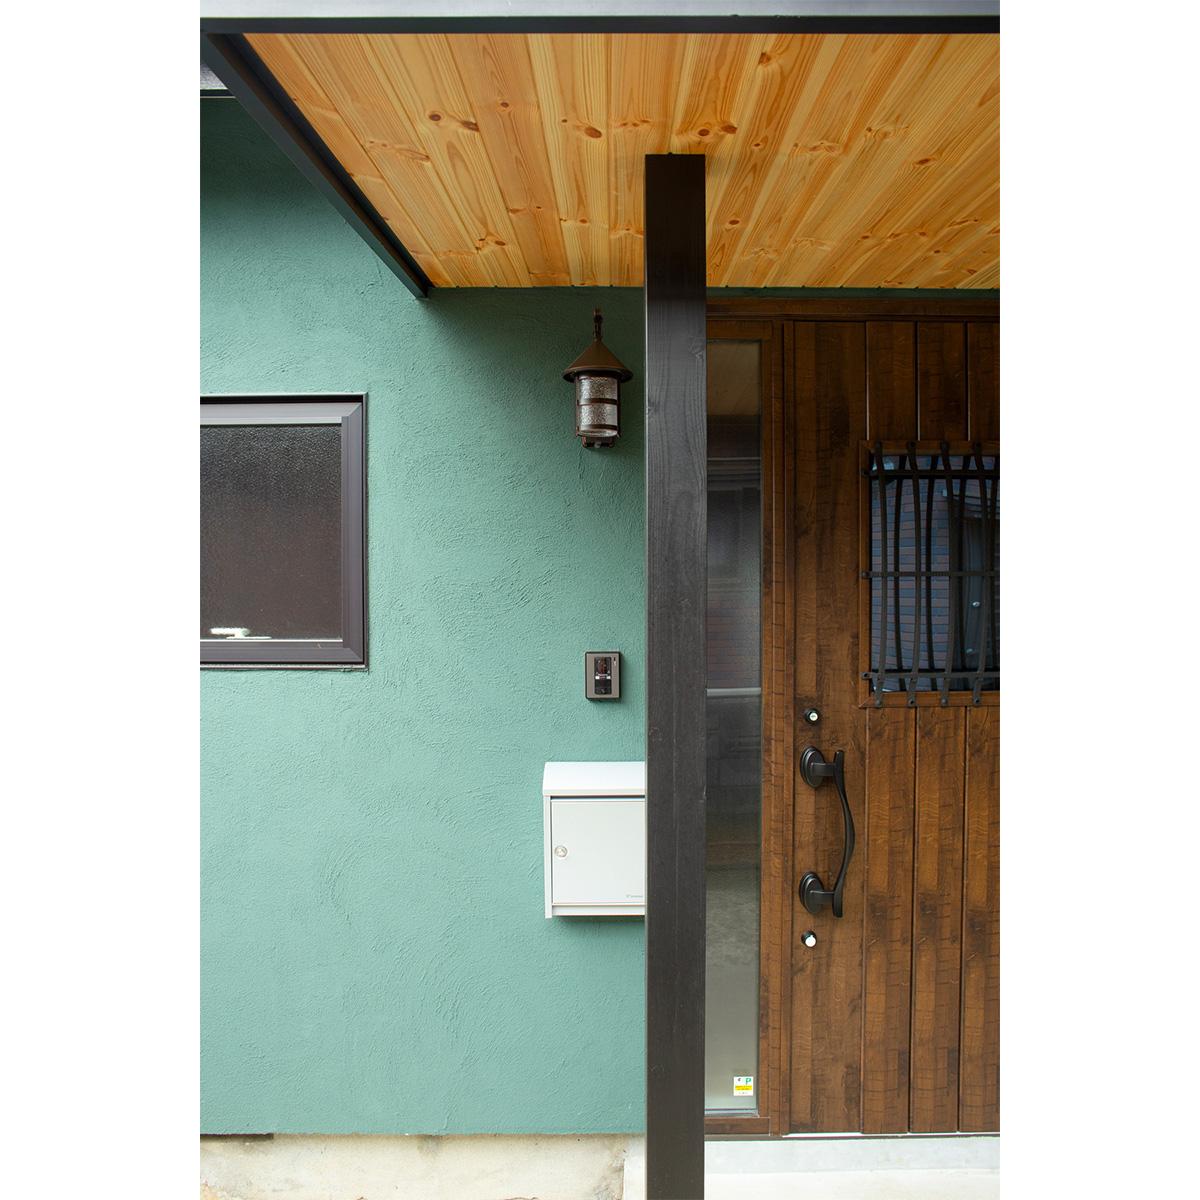 グリーンの美しい塗り壁の外壁が特徴的な玄関